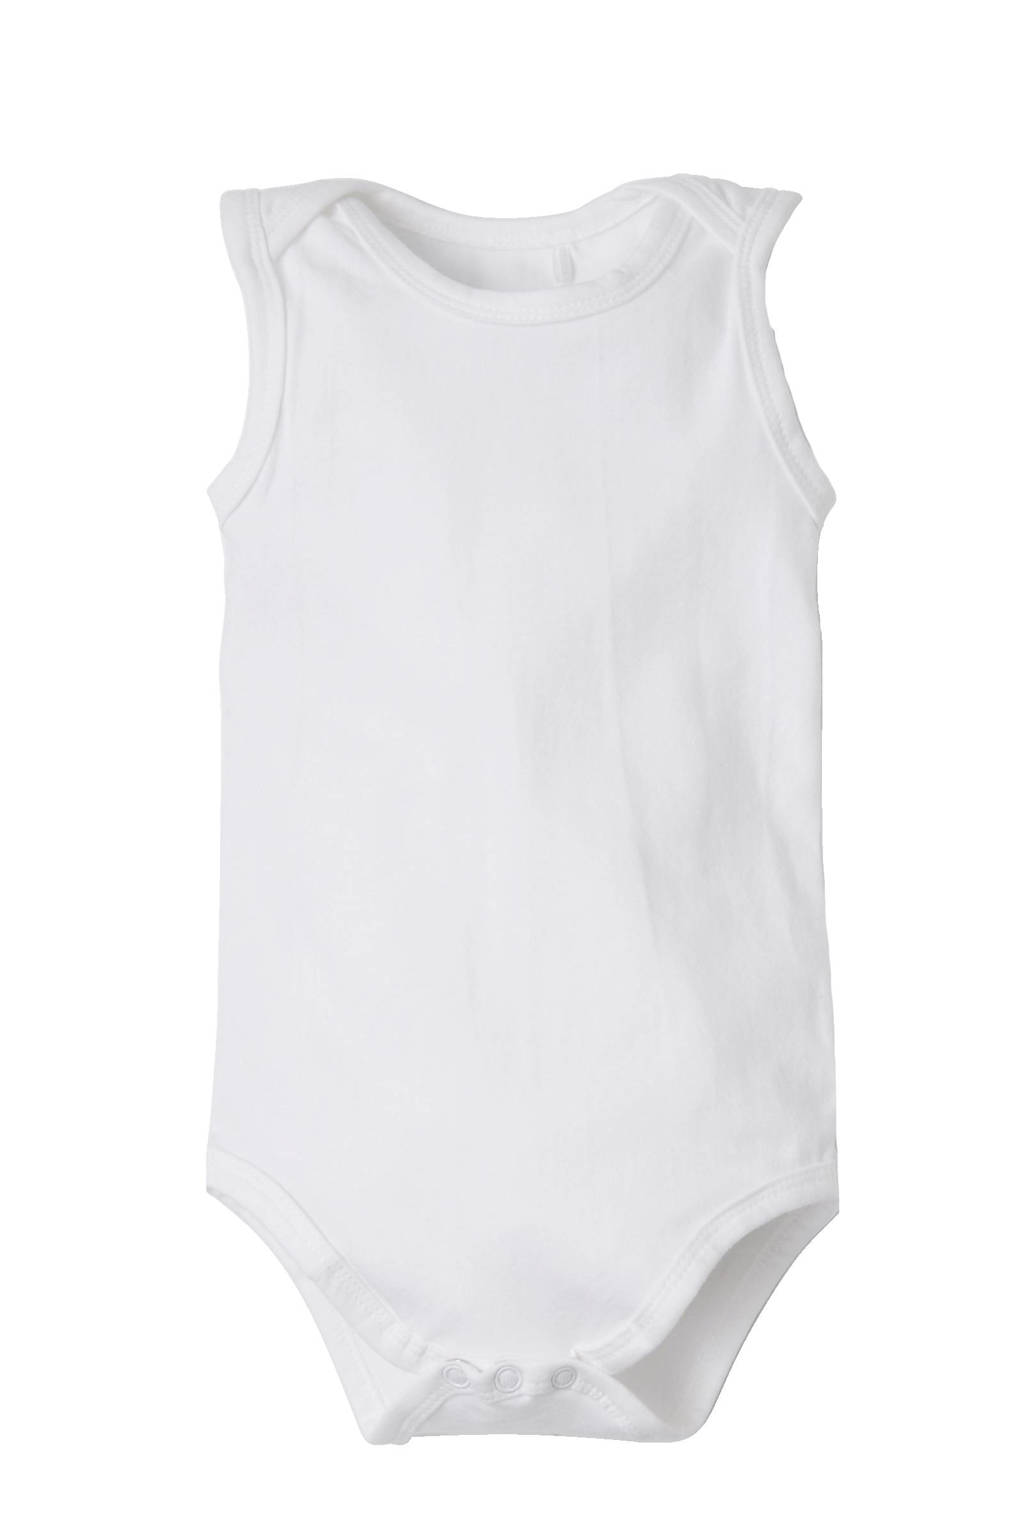 Dirkje newborn baby romper - set van 3, Wit, Mouwloos